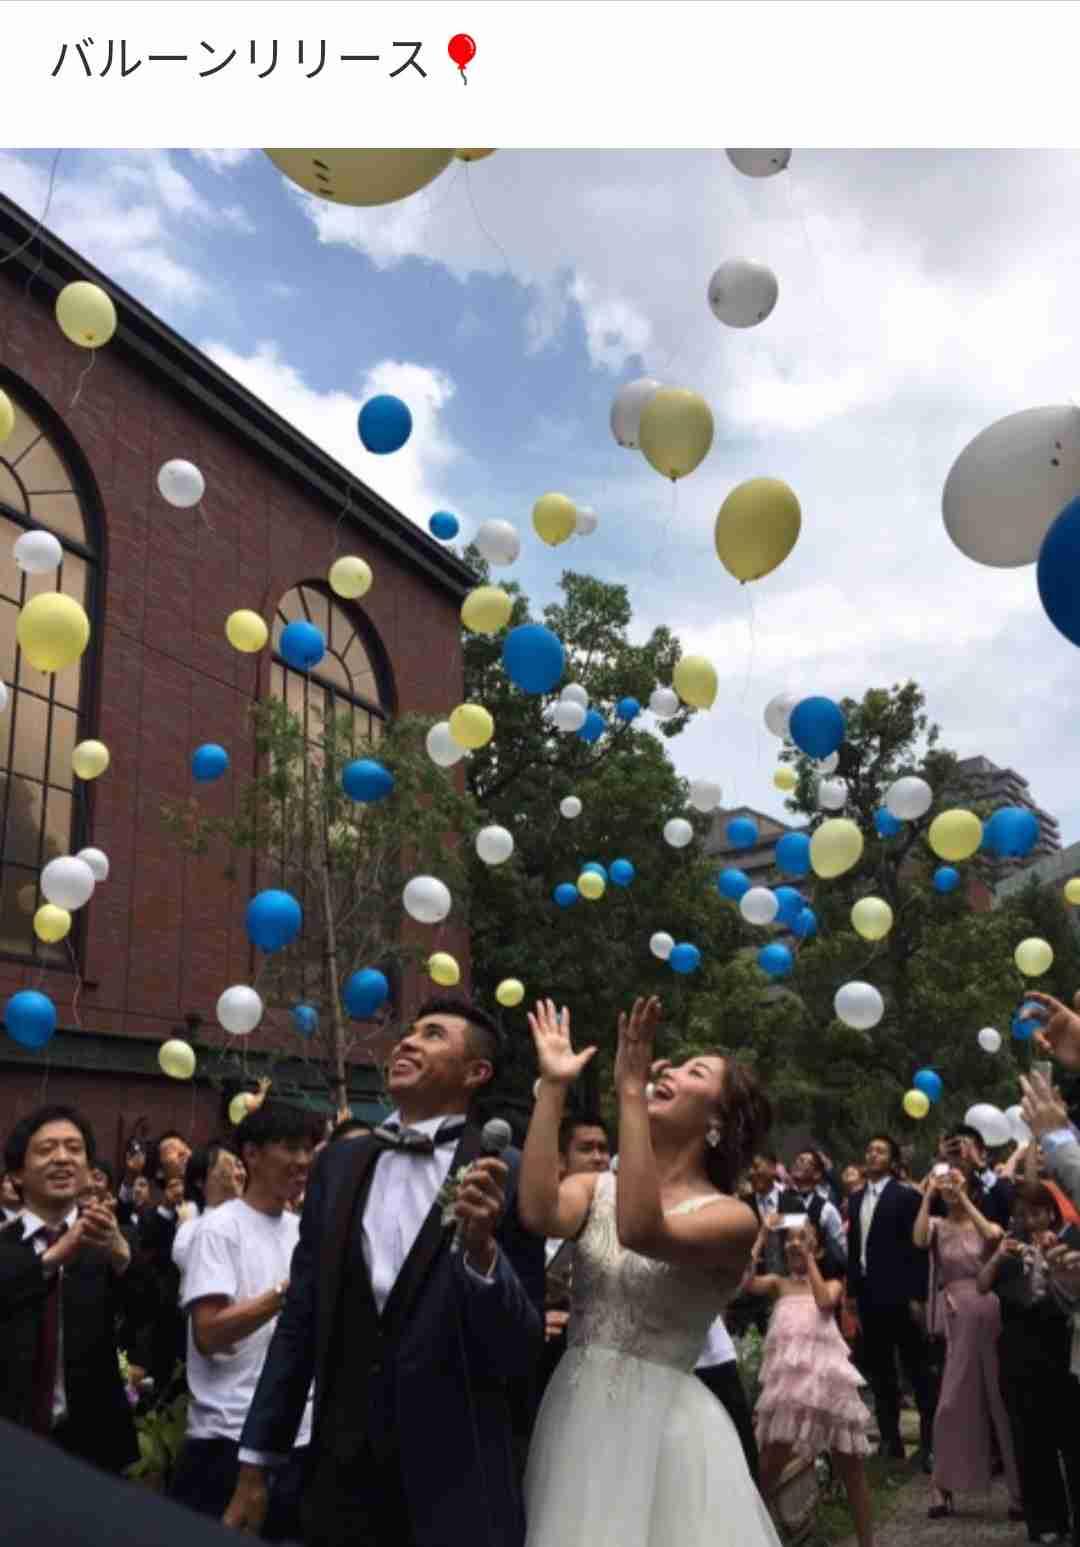 小島よしお 入籍から丸1年に結婚披露パーティー 謹慎明けのあの人も出席